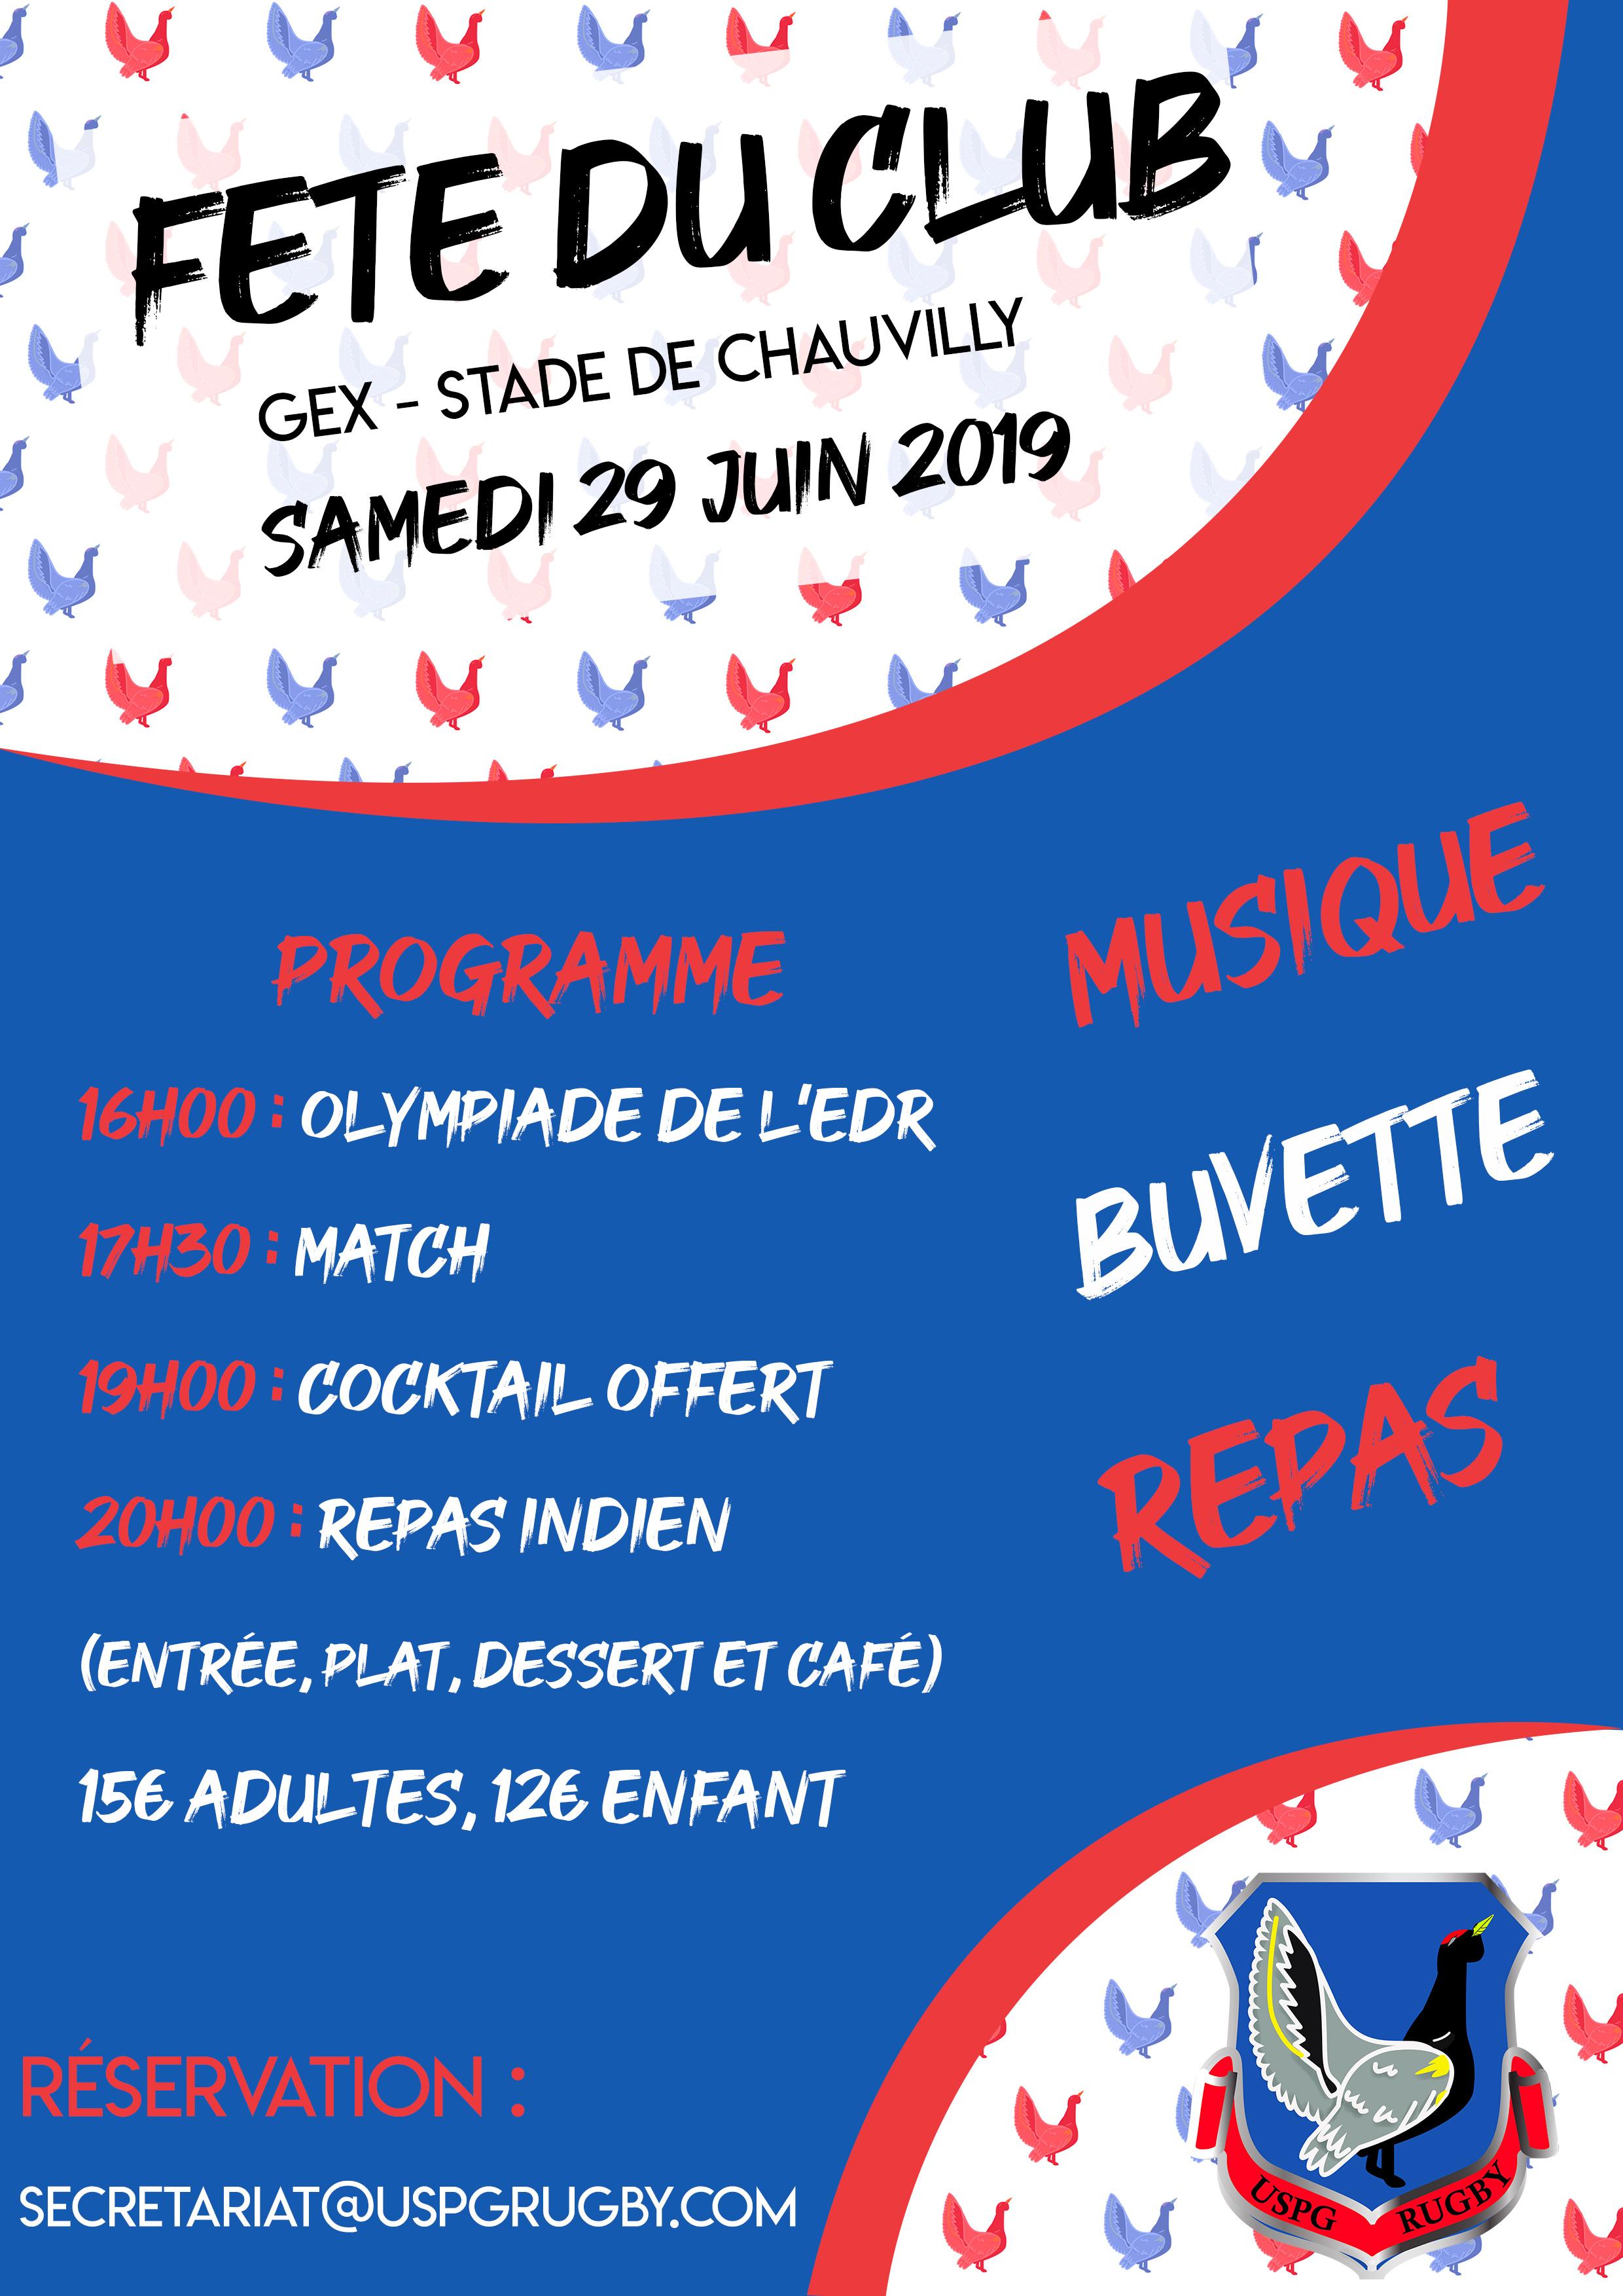 fete-du-club-2019